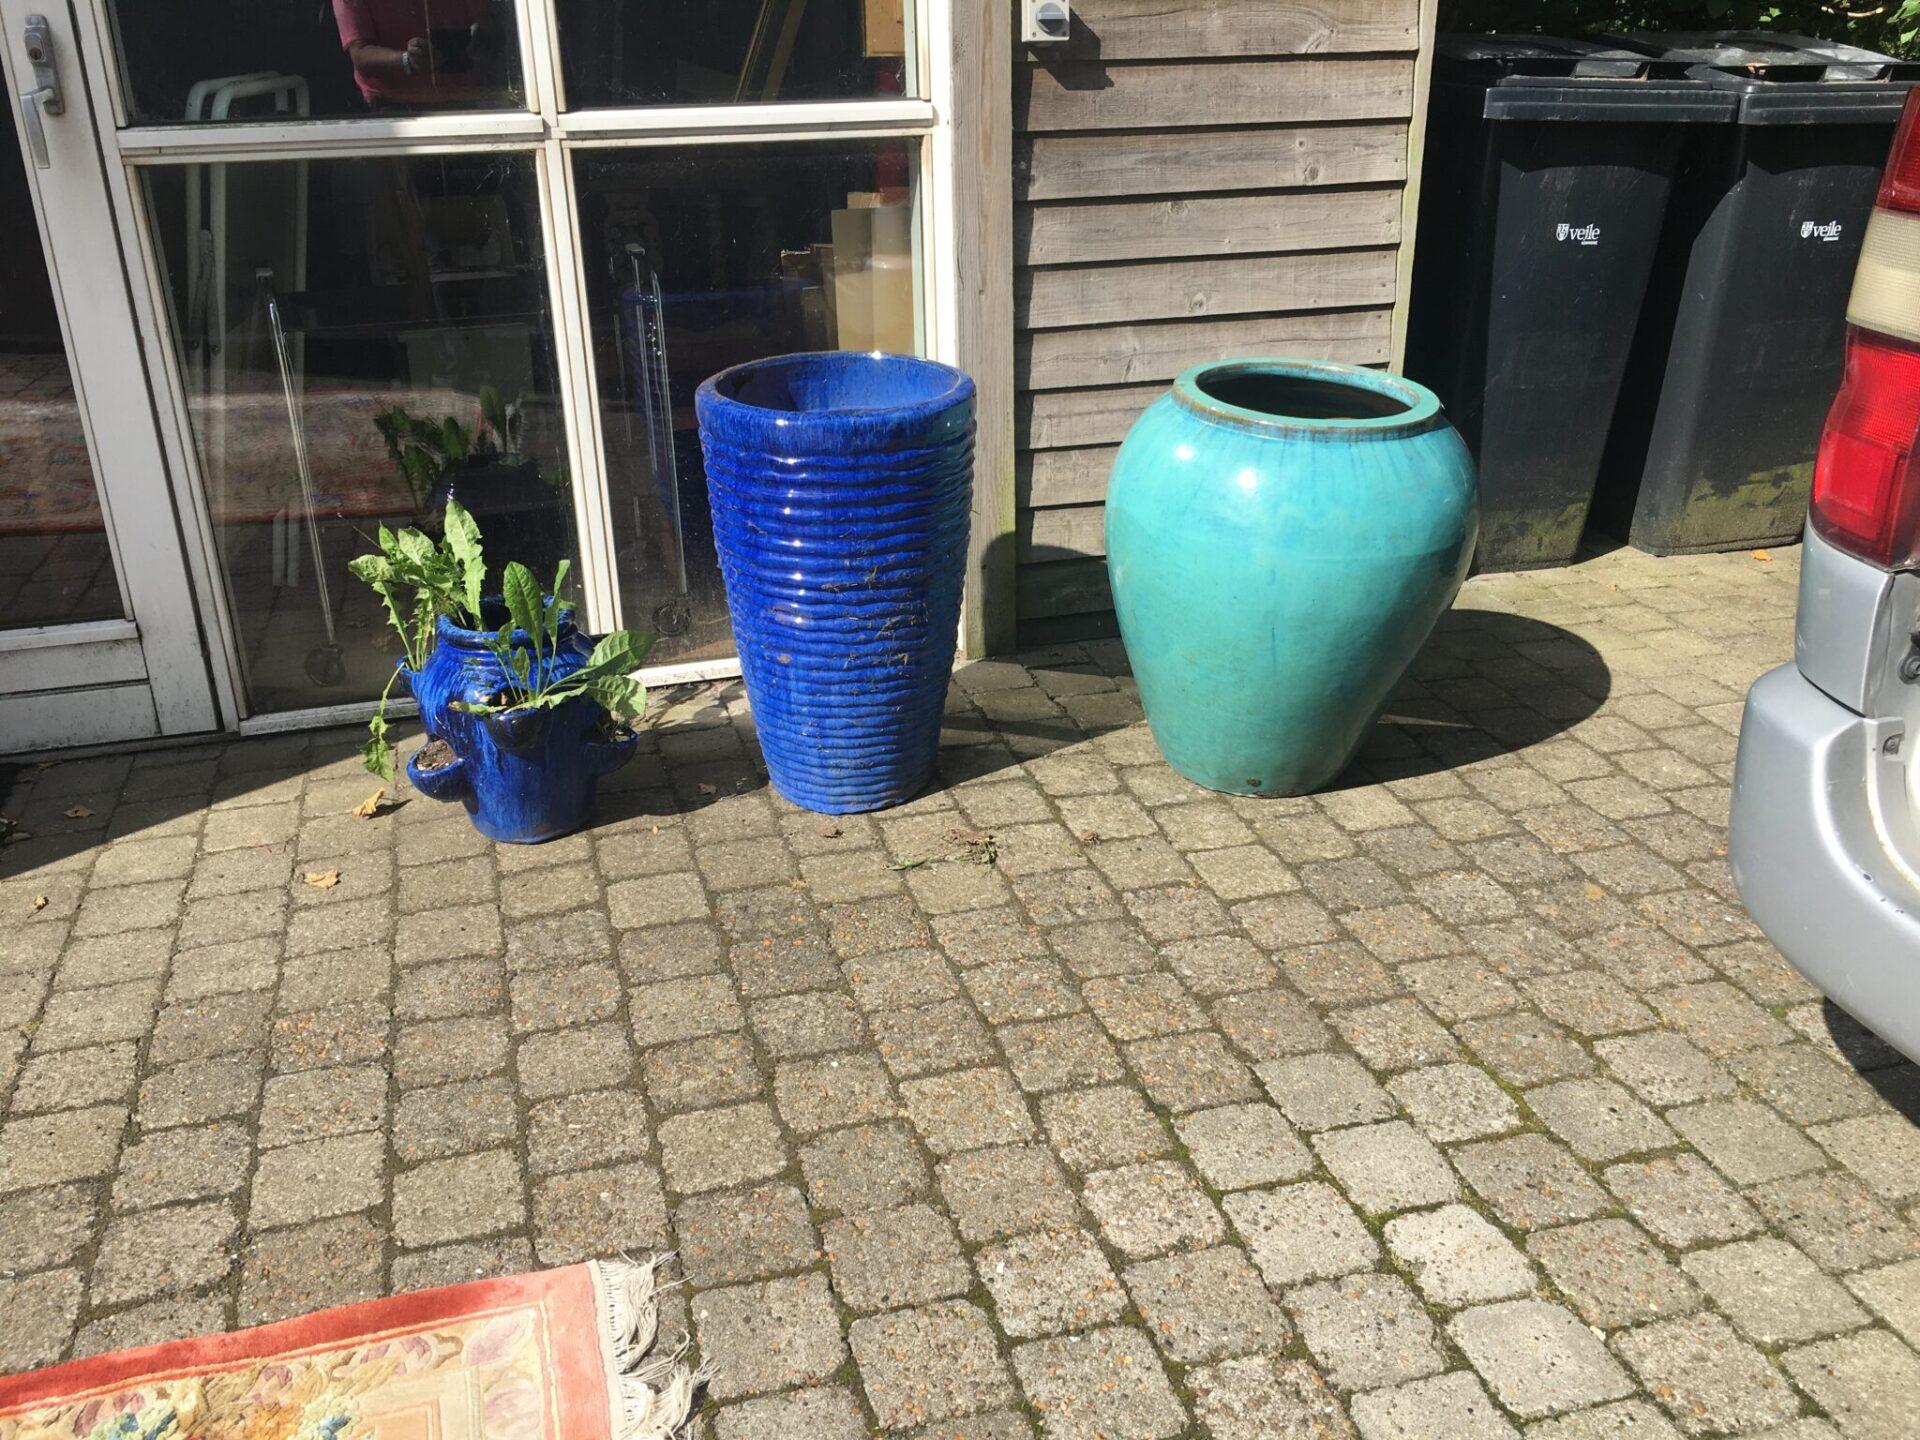 Glaserede havekrukker, h= 65 cm, pr. stk 300 kr